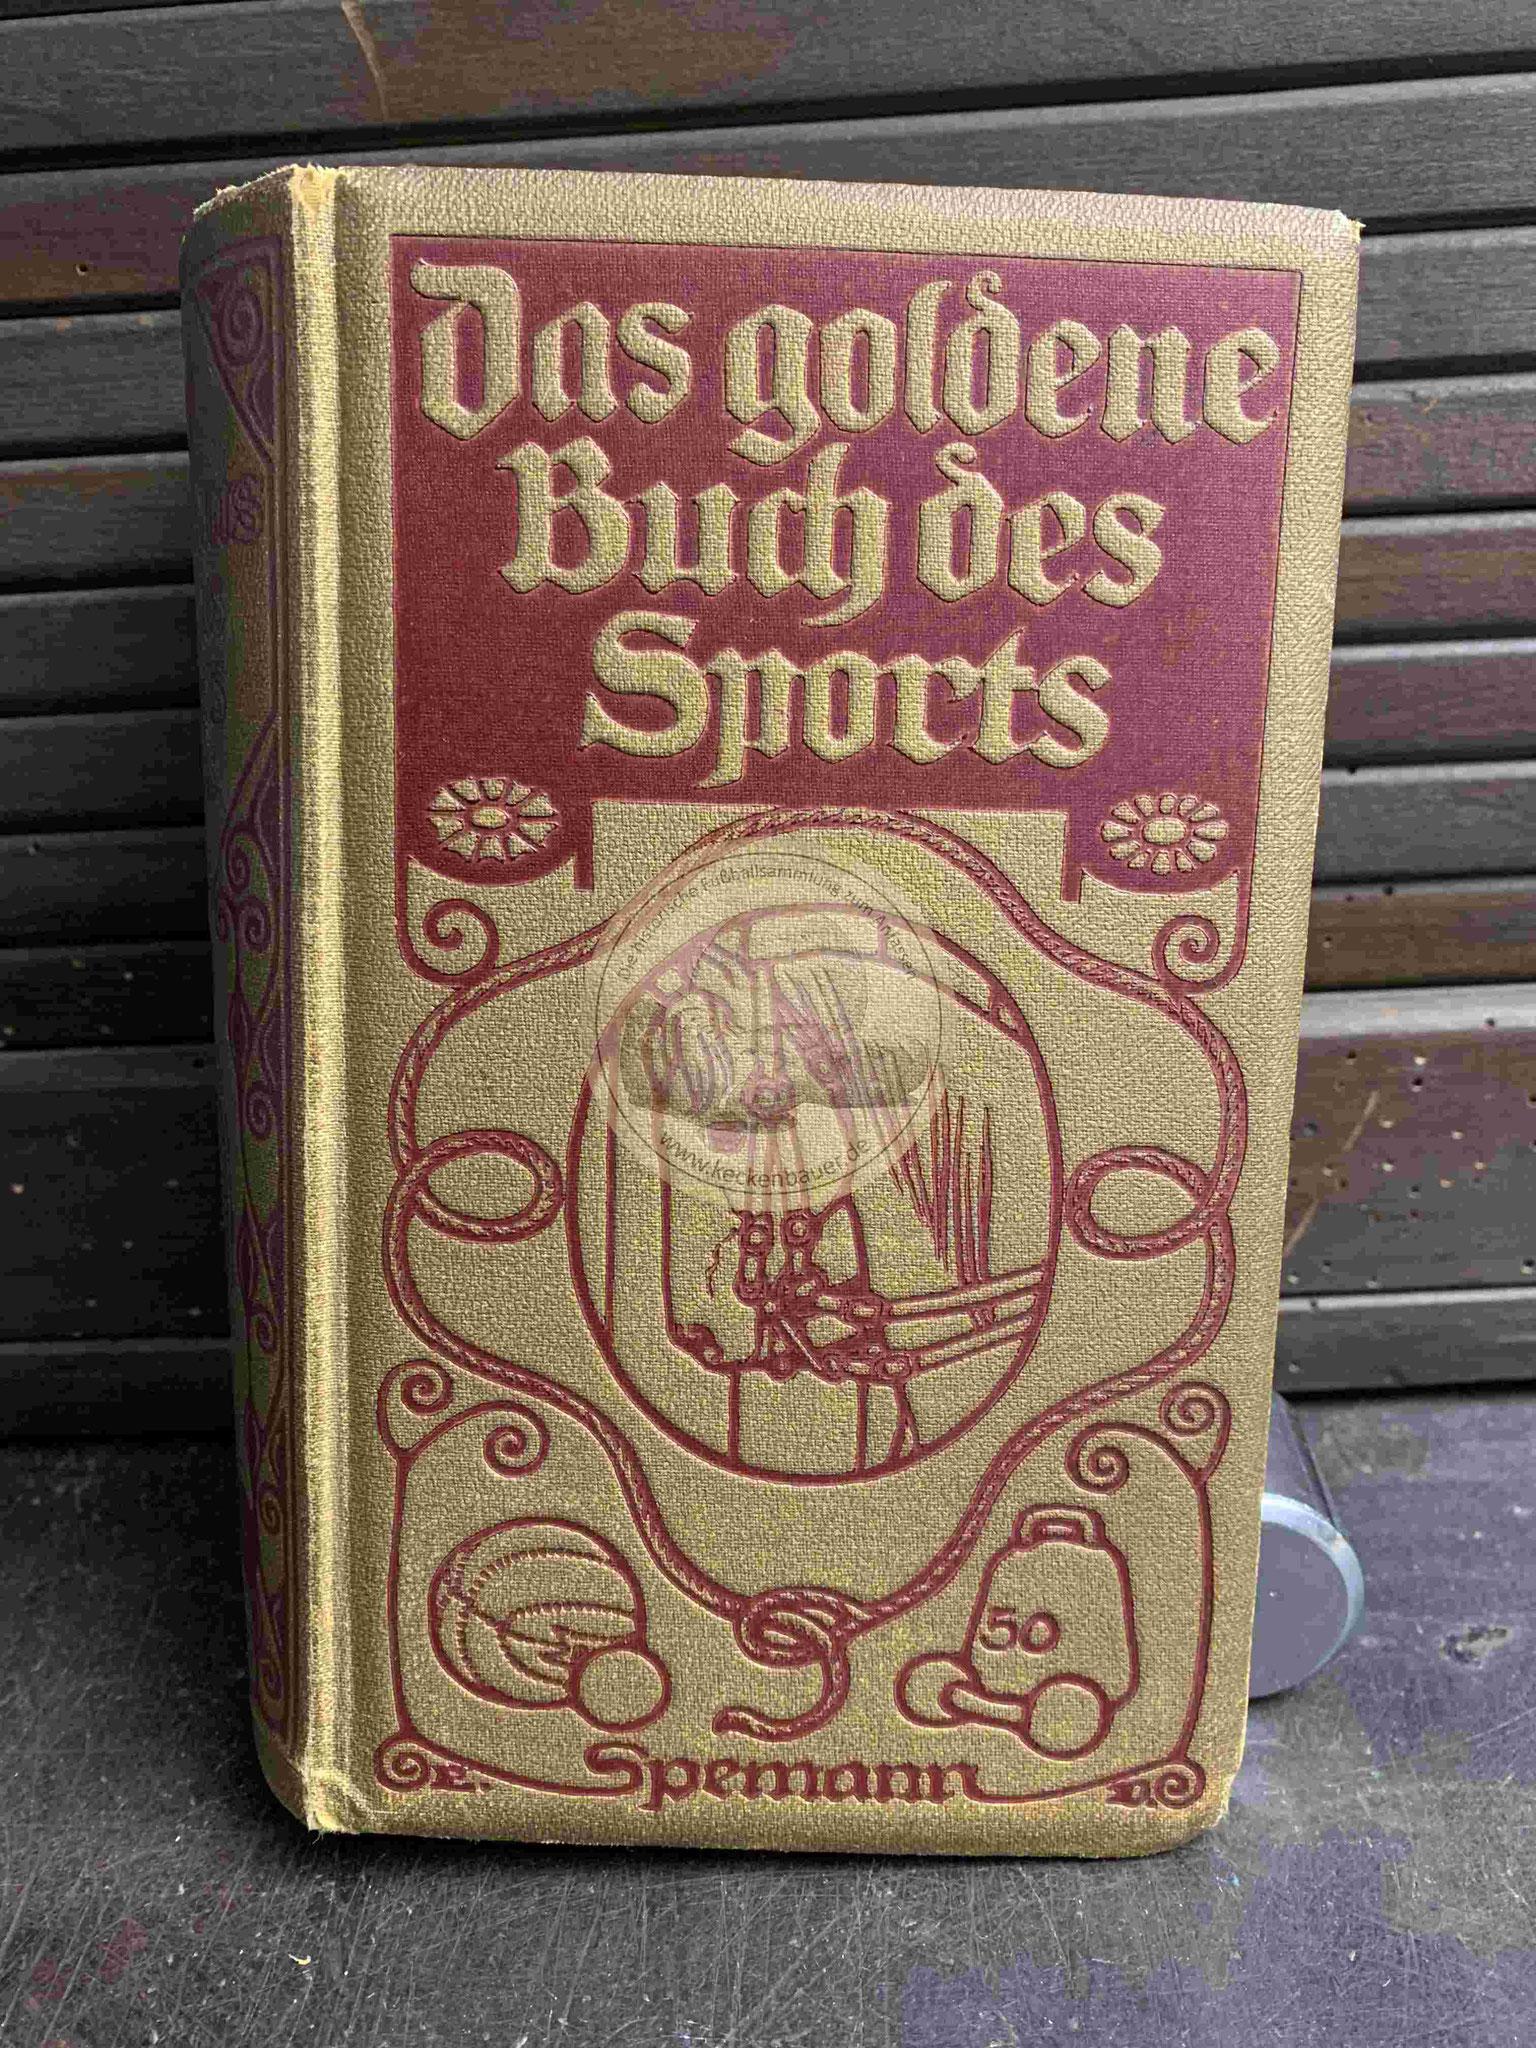 Das goldene Buch des Sports von Max Ahles im Spemann Verlag aus dem Jahr 1910